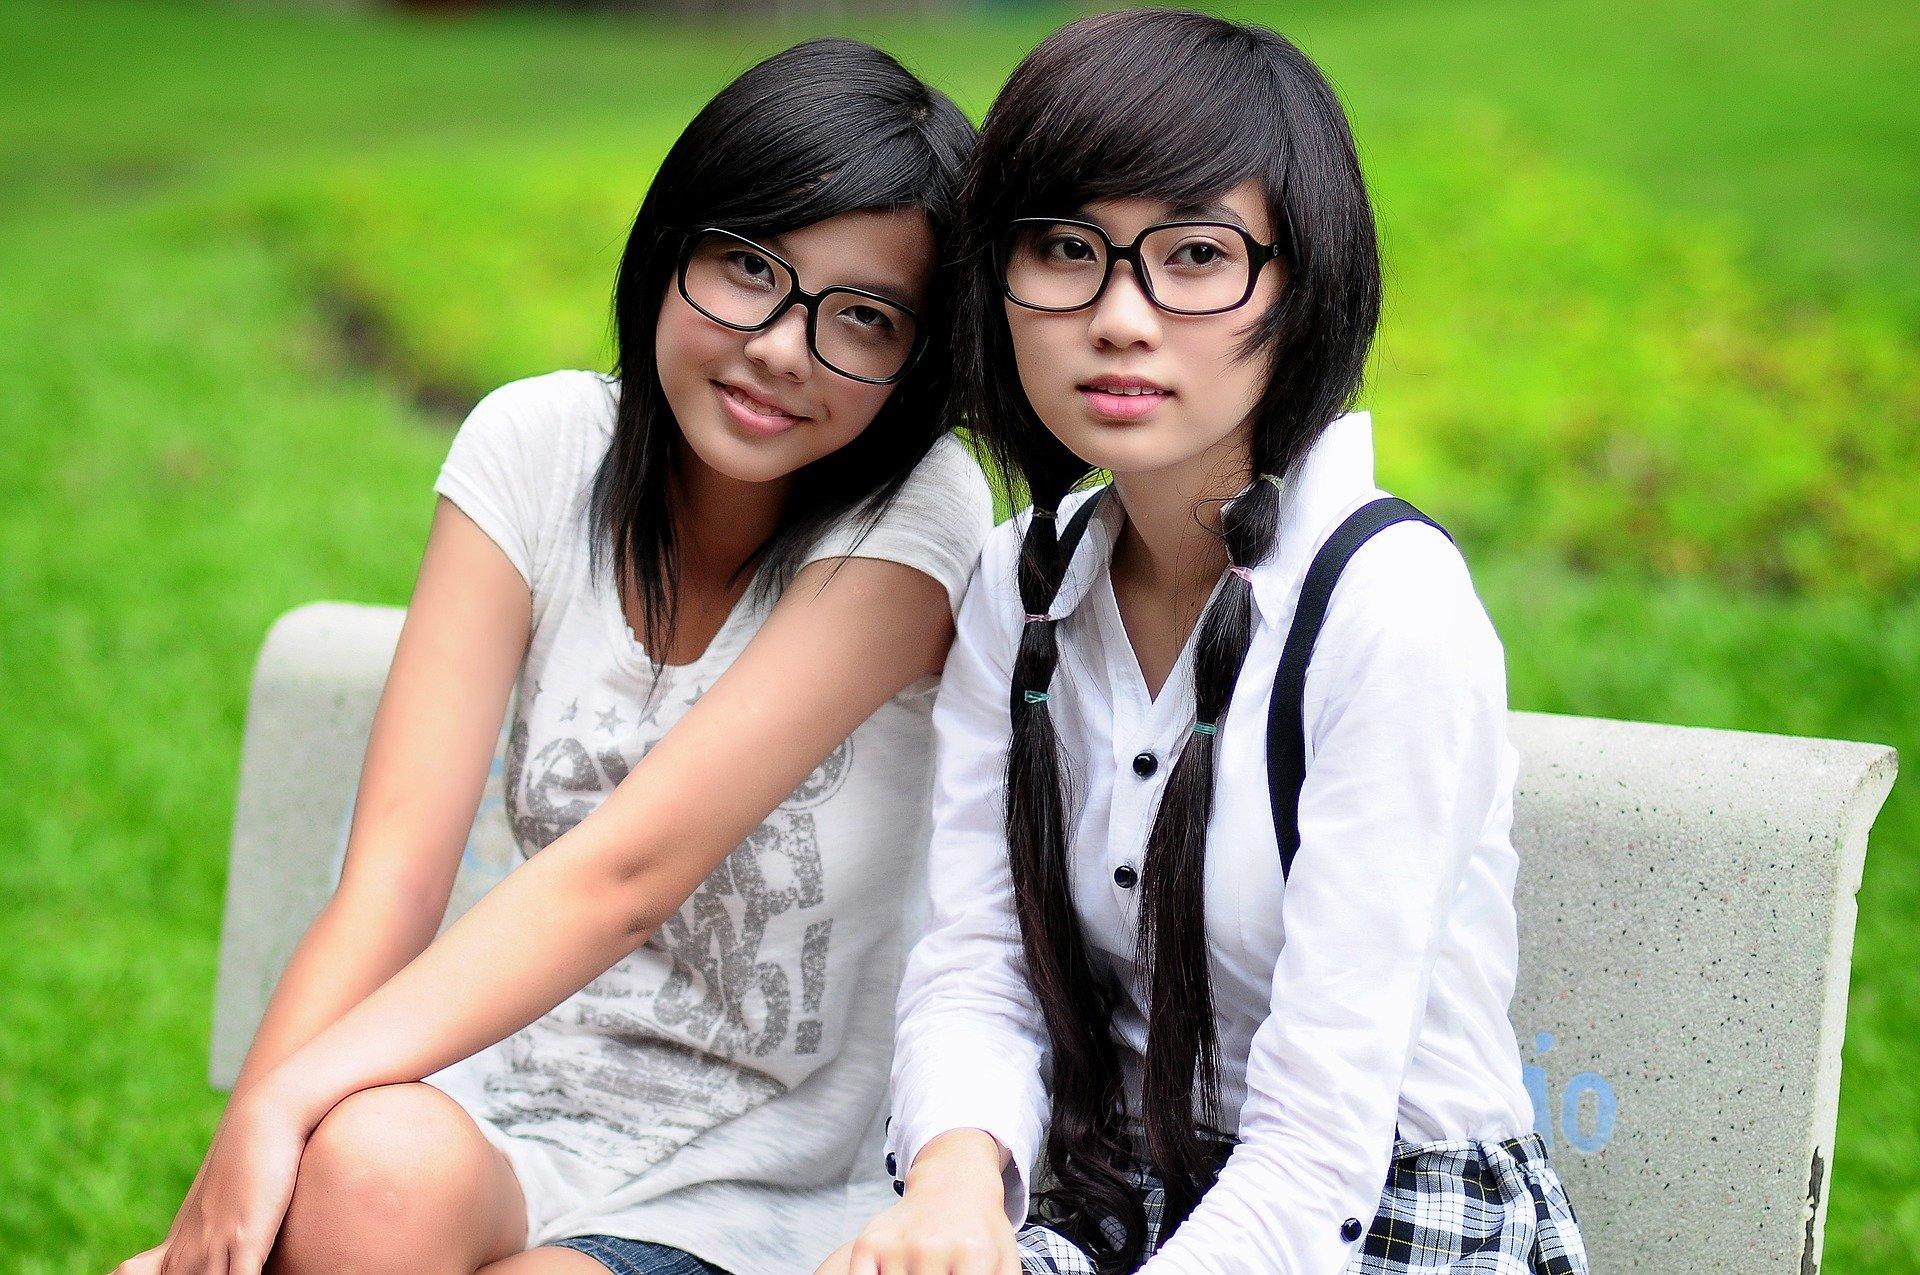 Quelles sont les précautions à prendre pour porter des lentilles de vue 1